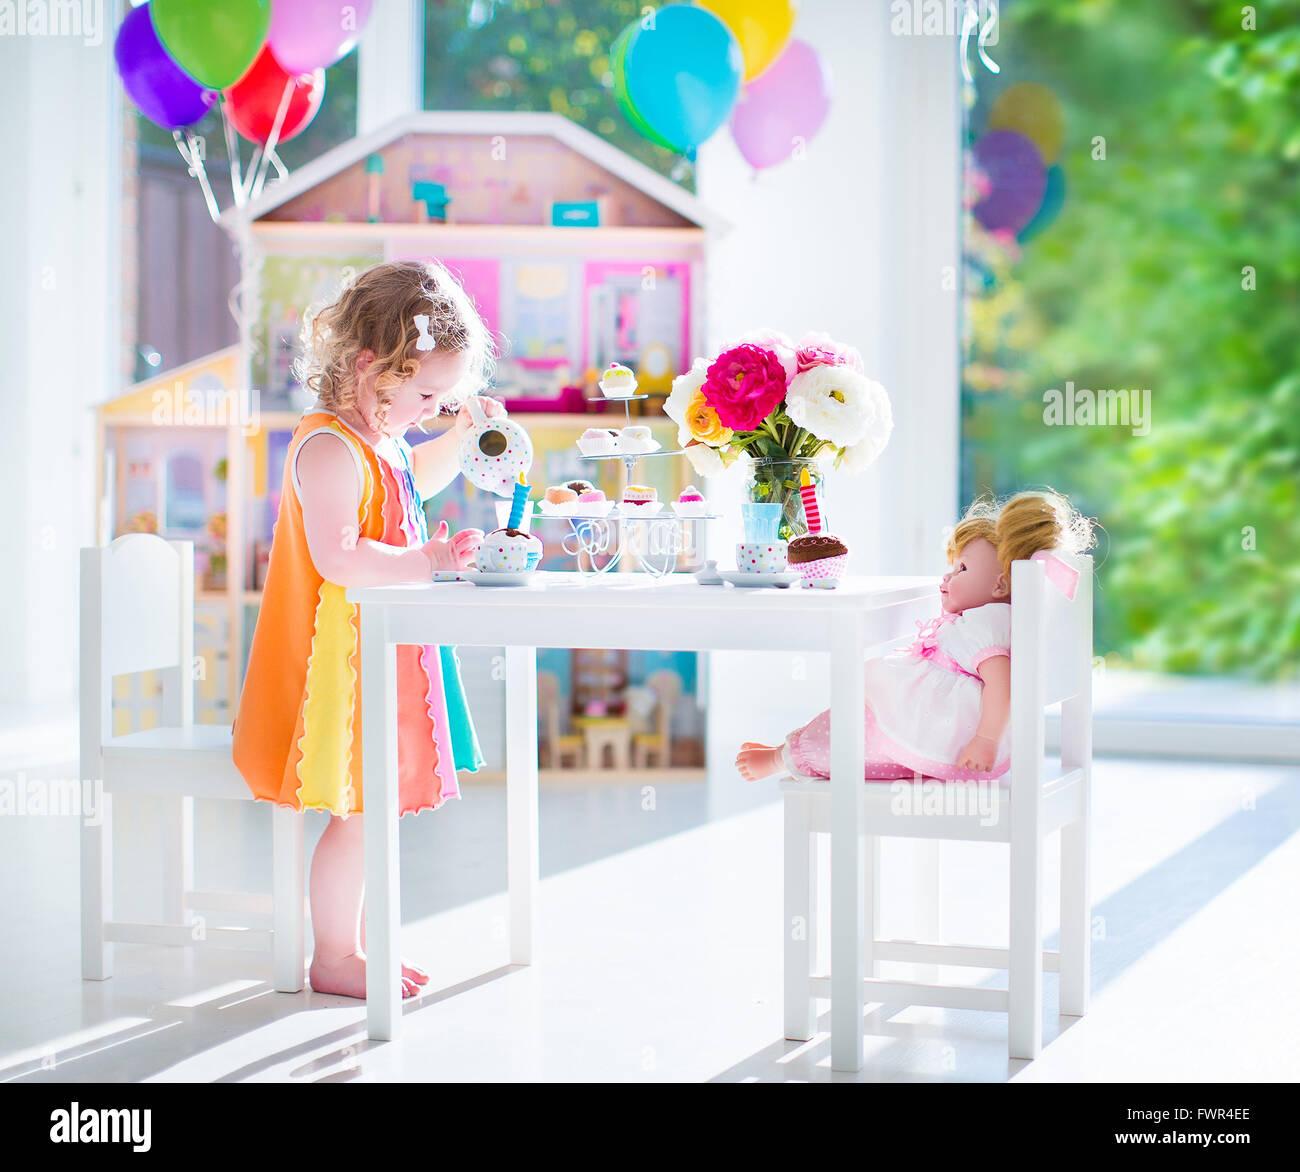 Fein Kleider Für Tee Party Bilder - Hochzeit Kleid Stile Ideen ...